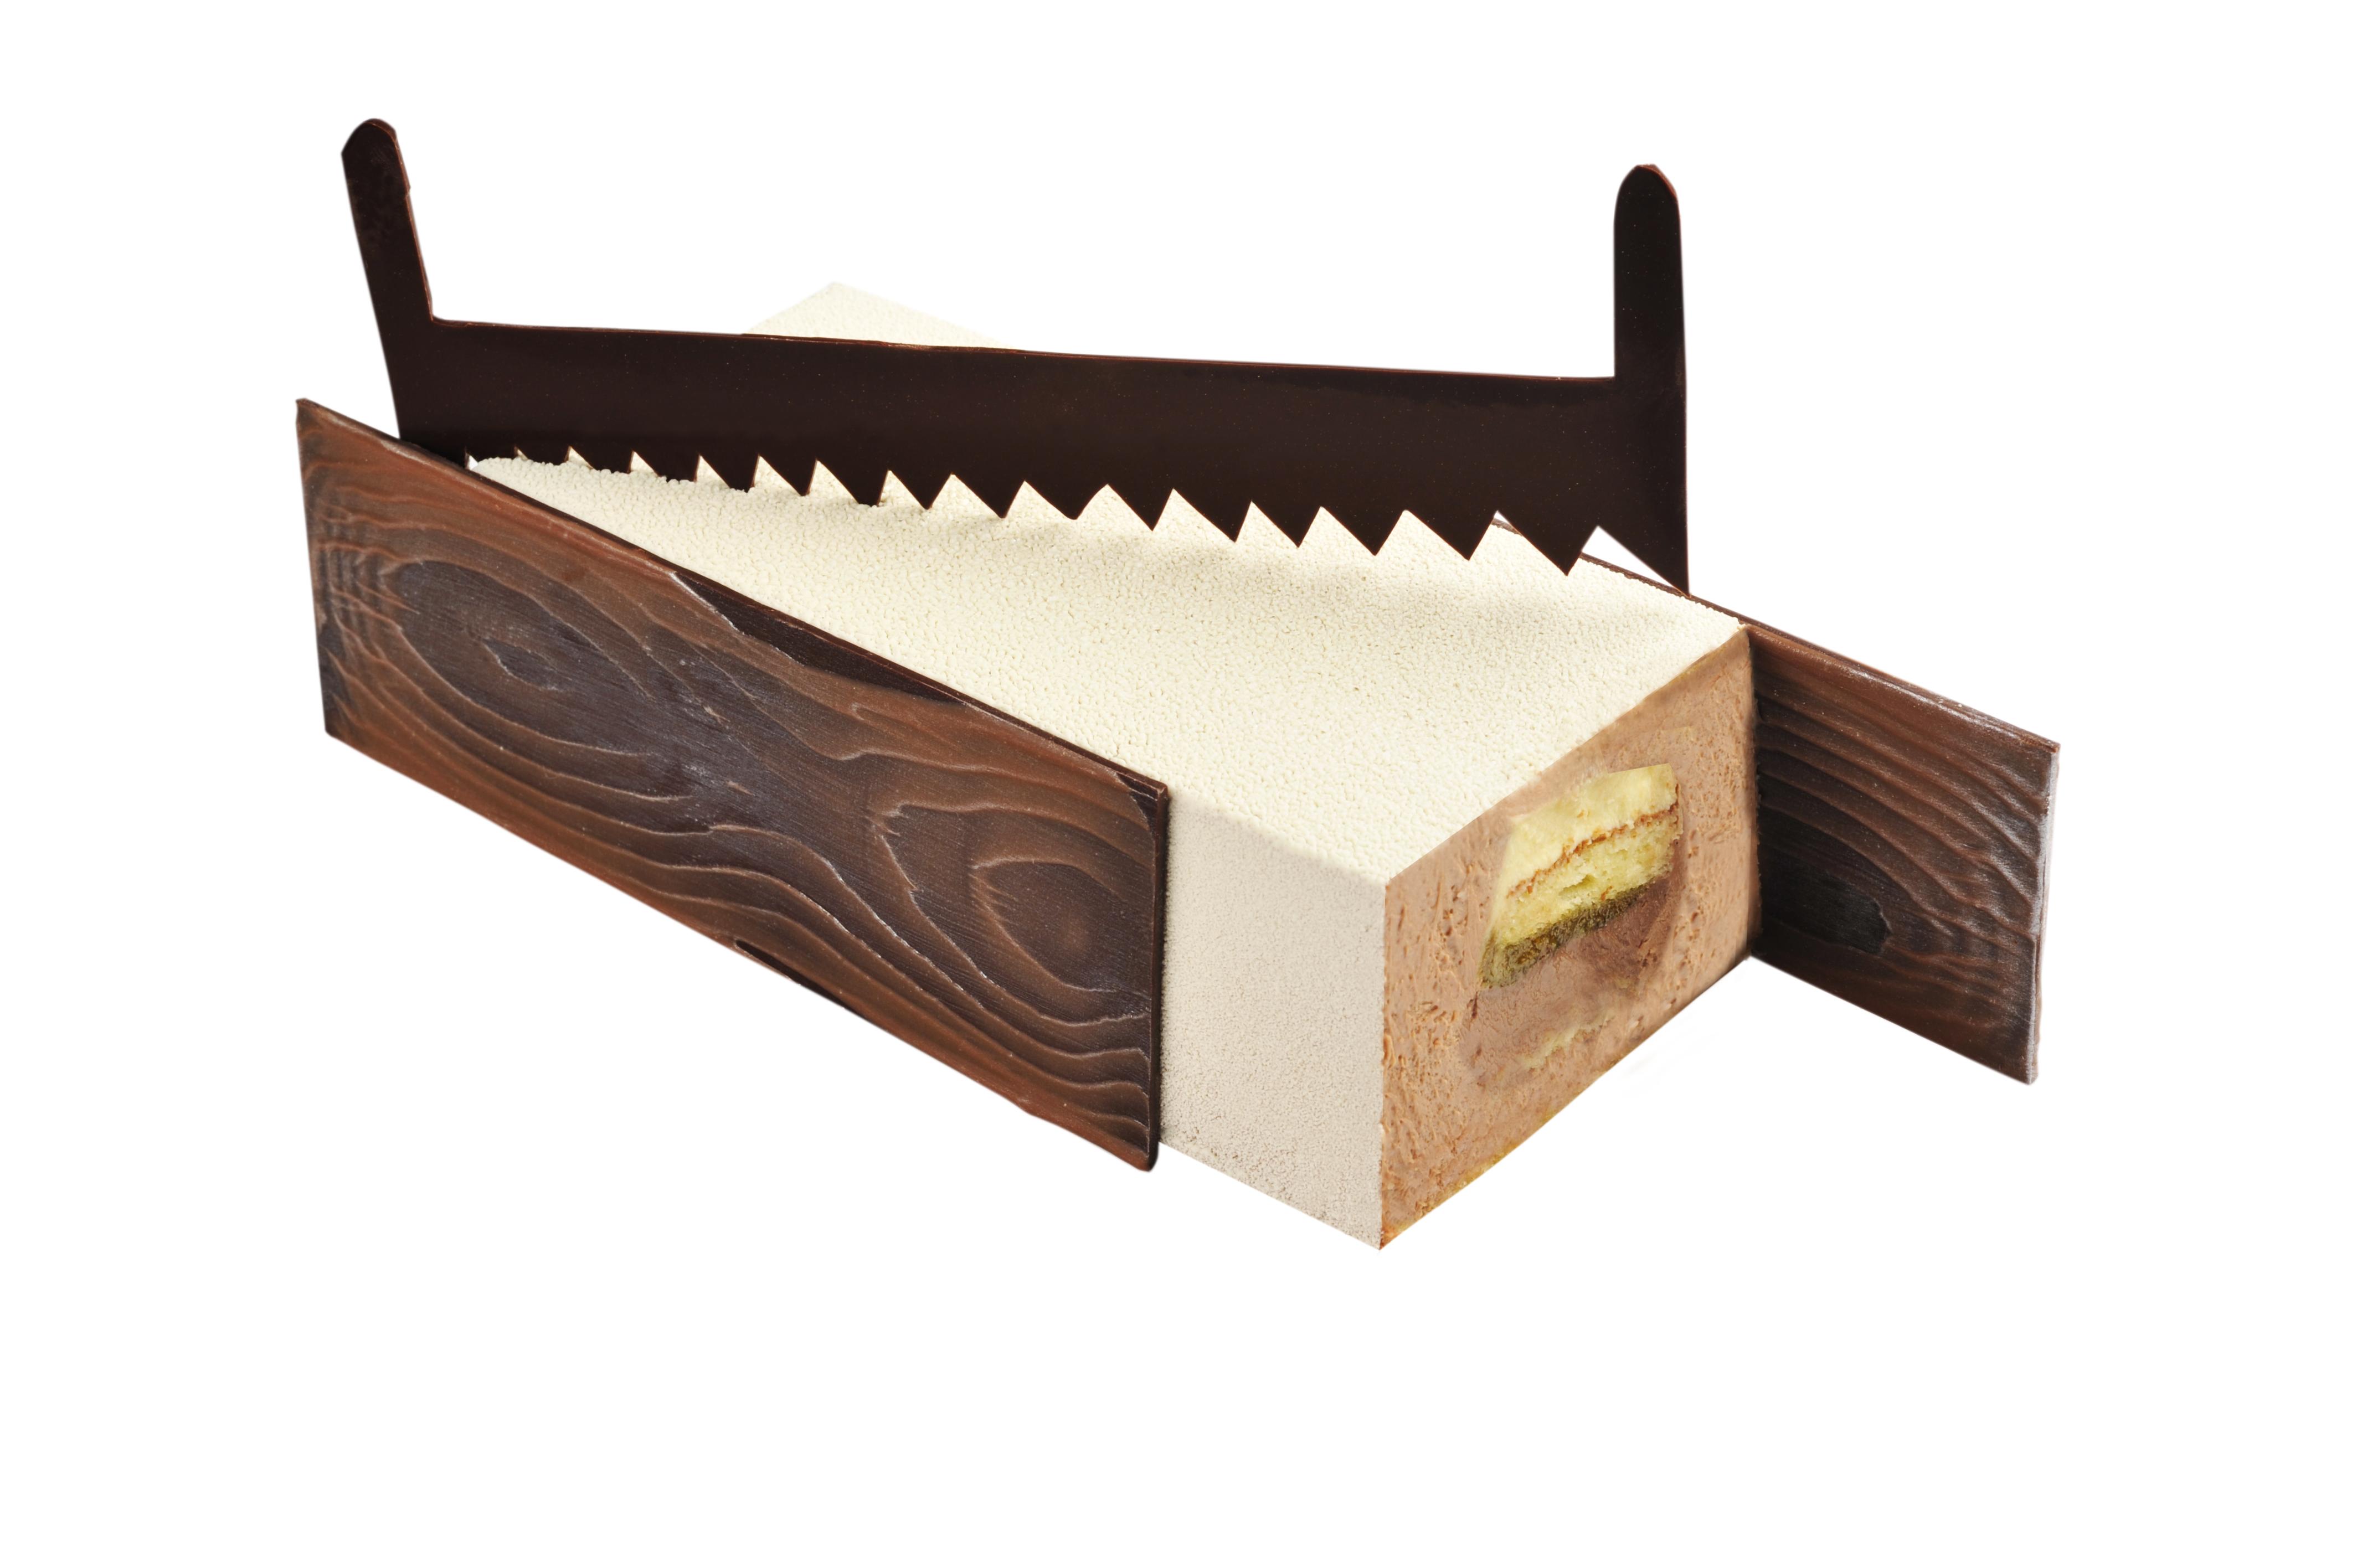 B che mathilde s cuisine - Rangement buche de bois interieur ...